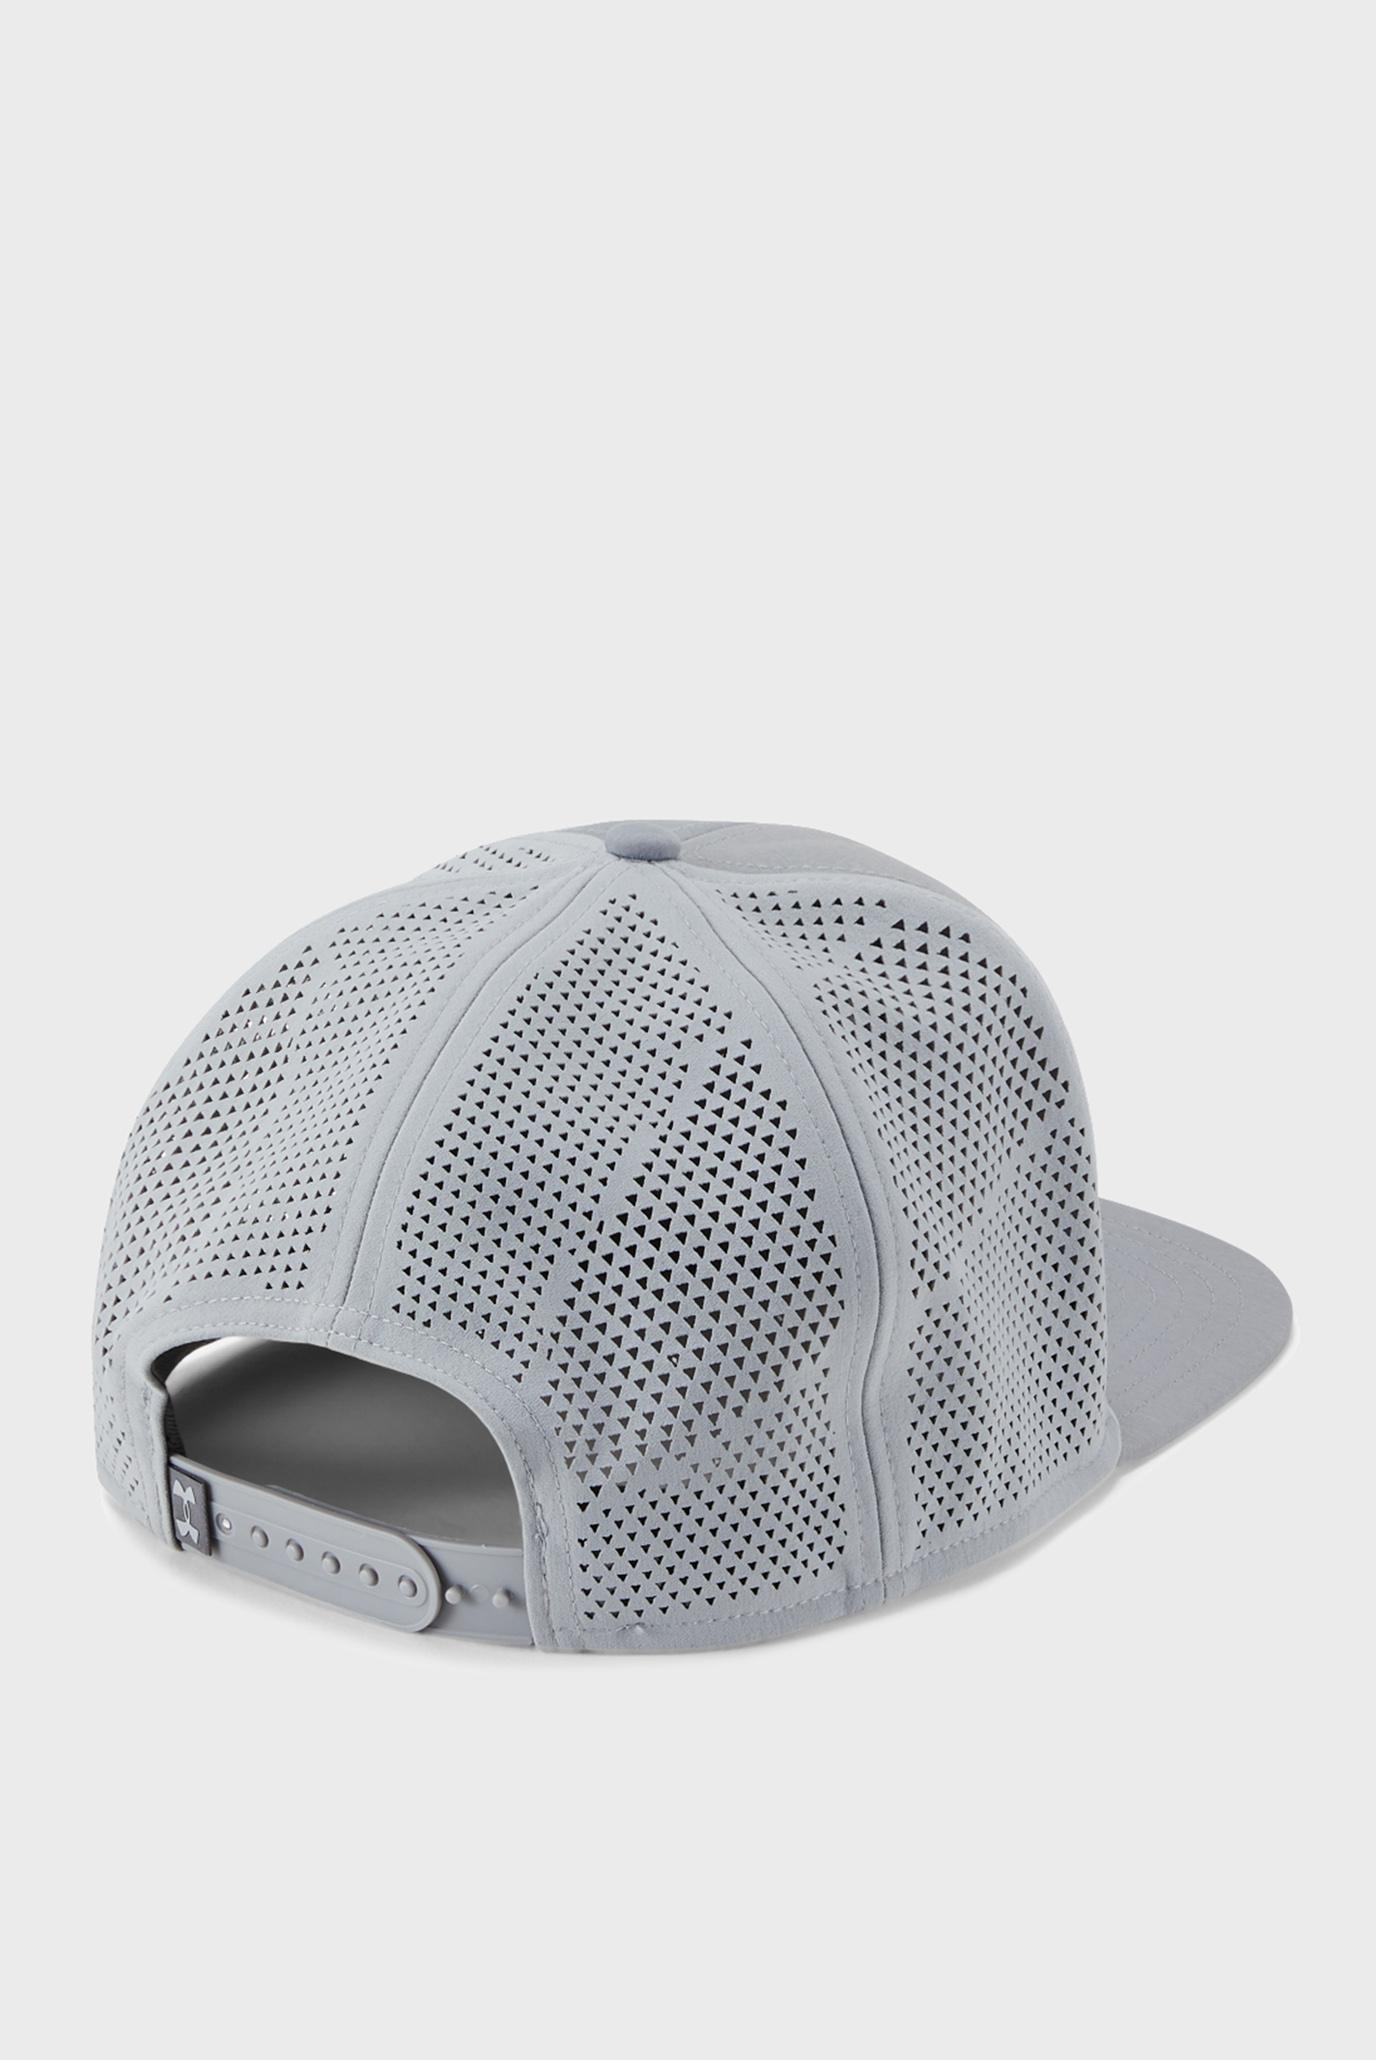 42ad497e4 Купить Мужская светло-серая кепка Supervent FB 2.0 Under Armour ...